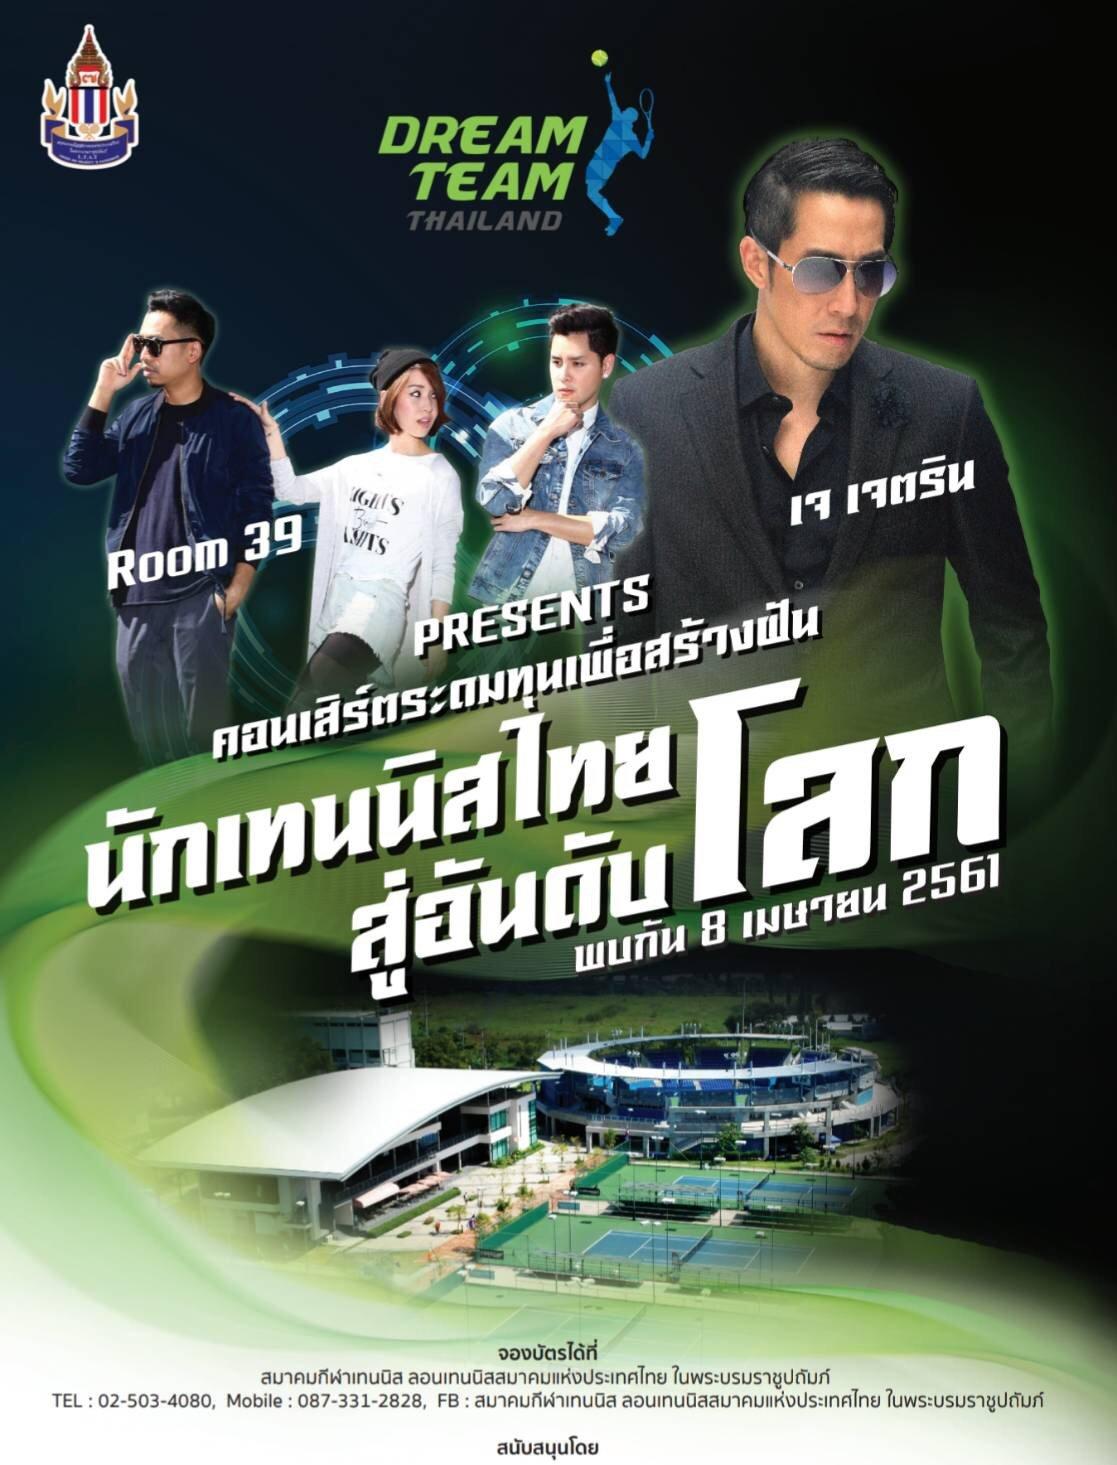 Dream Team Thailand Concert คอนเสิร์ตระดมทุนเพื่อสร้างฝันนักเทนนิสไทยสู่อันดับโลก 13 -